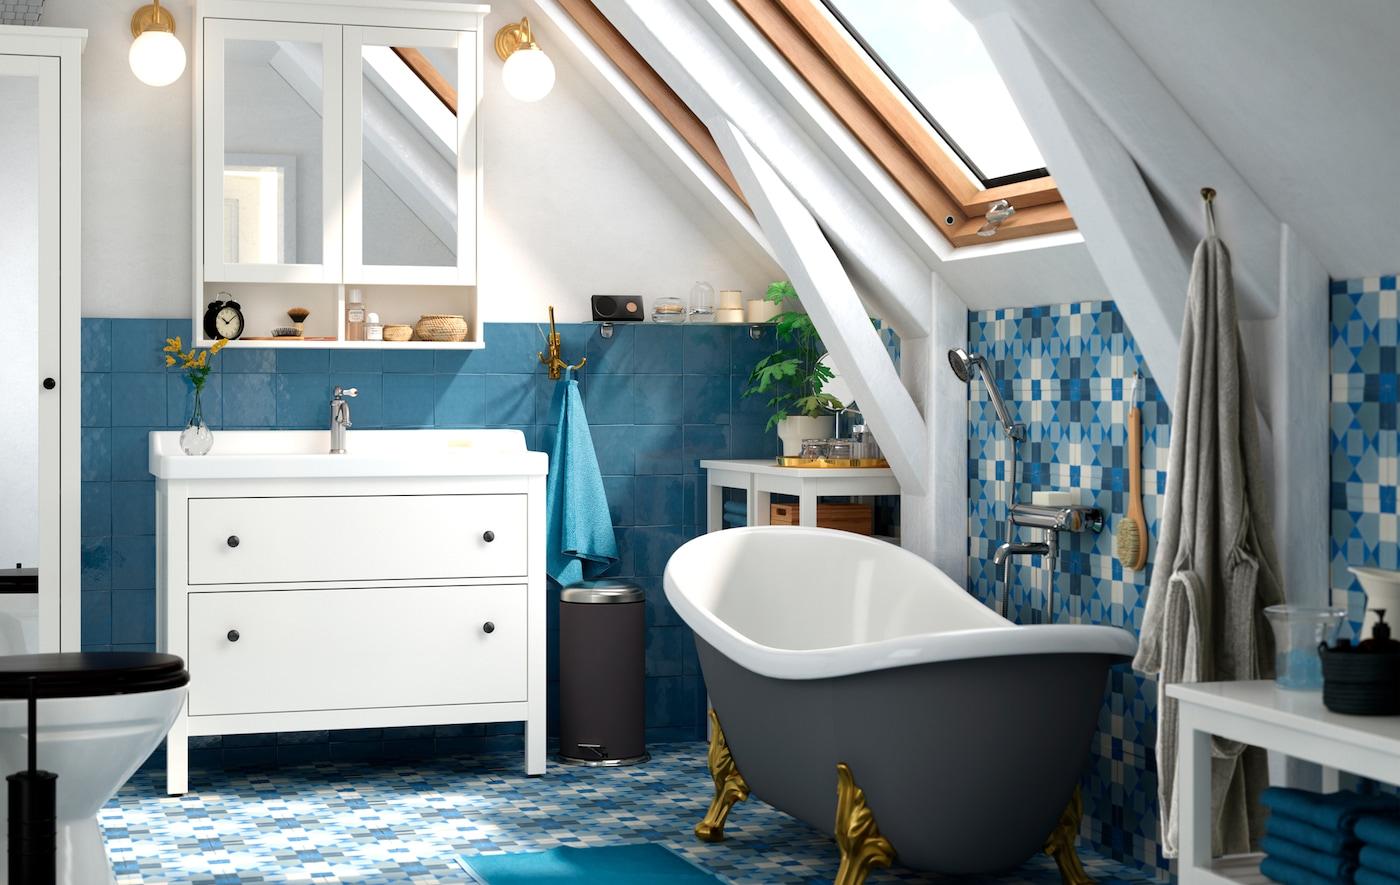 블루 색상의 타일로 꾸민 바닥과 벽, 독립형 욕조, 화이트 세면대와 거울이 달린 다용도수납장으로 꾸민 욕실이에요.